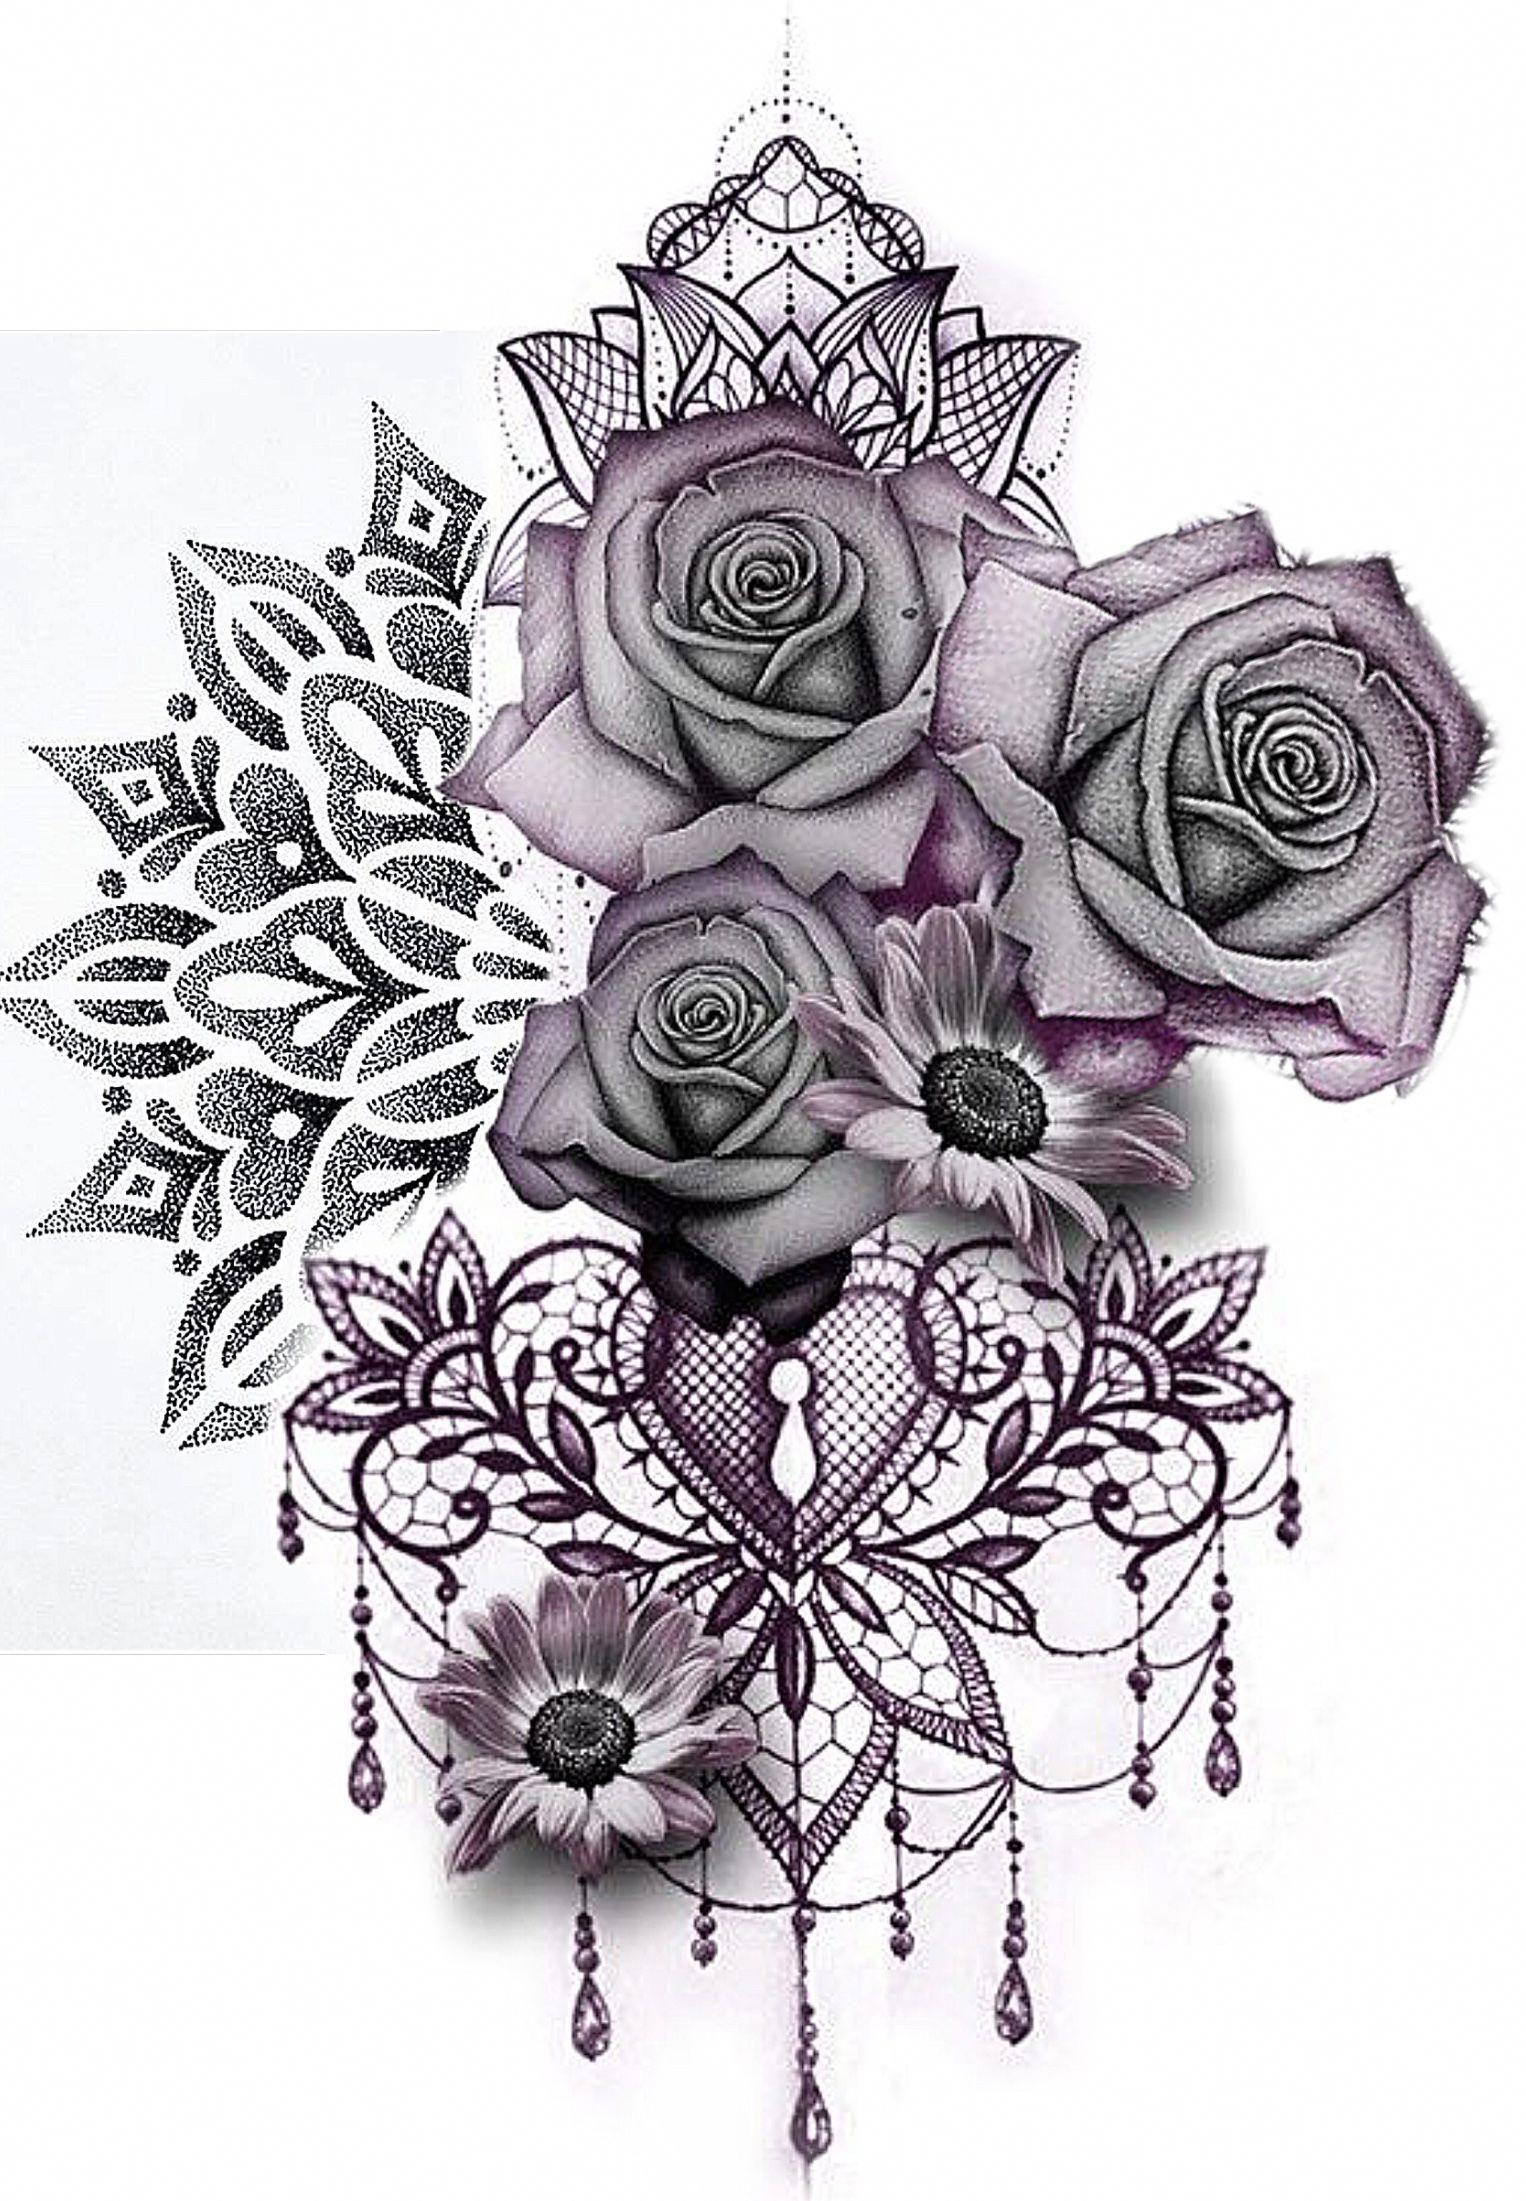 Hawaiiantattoos Lace Tattoo Tattoo Designs Tattoo Designs For Women